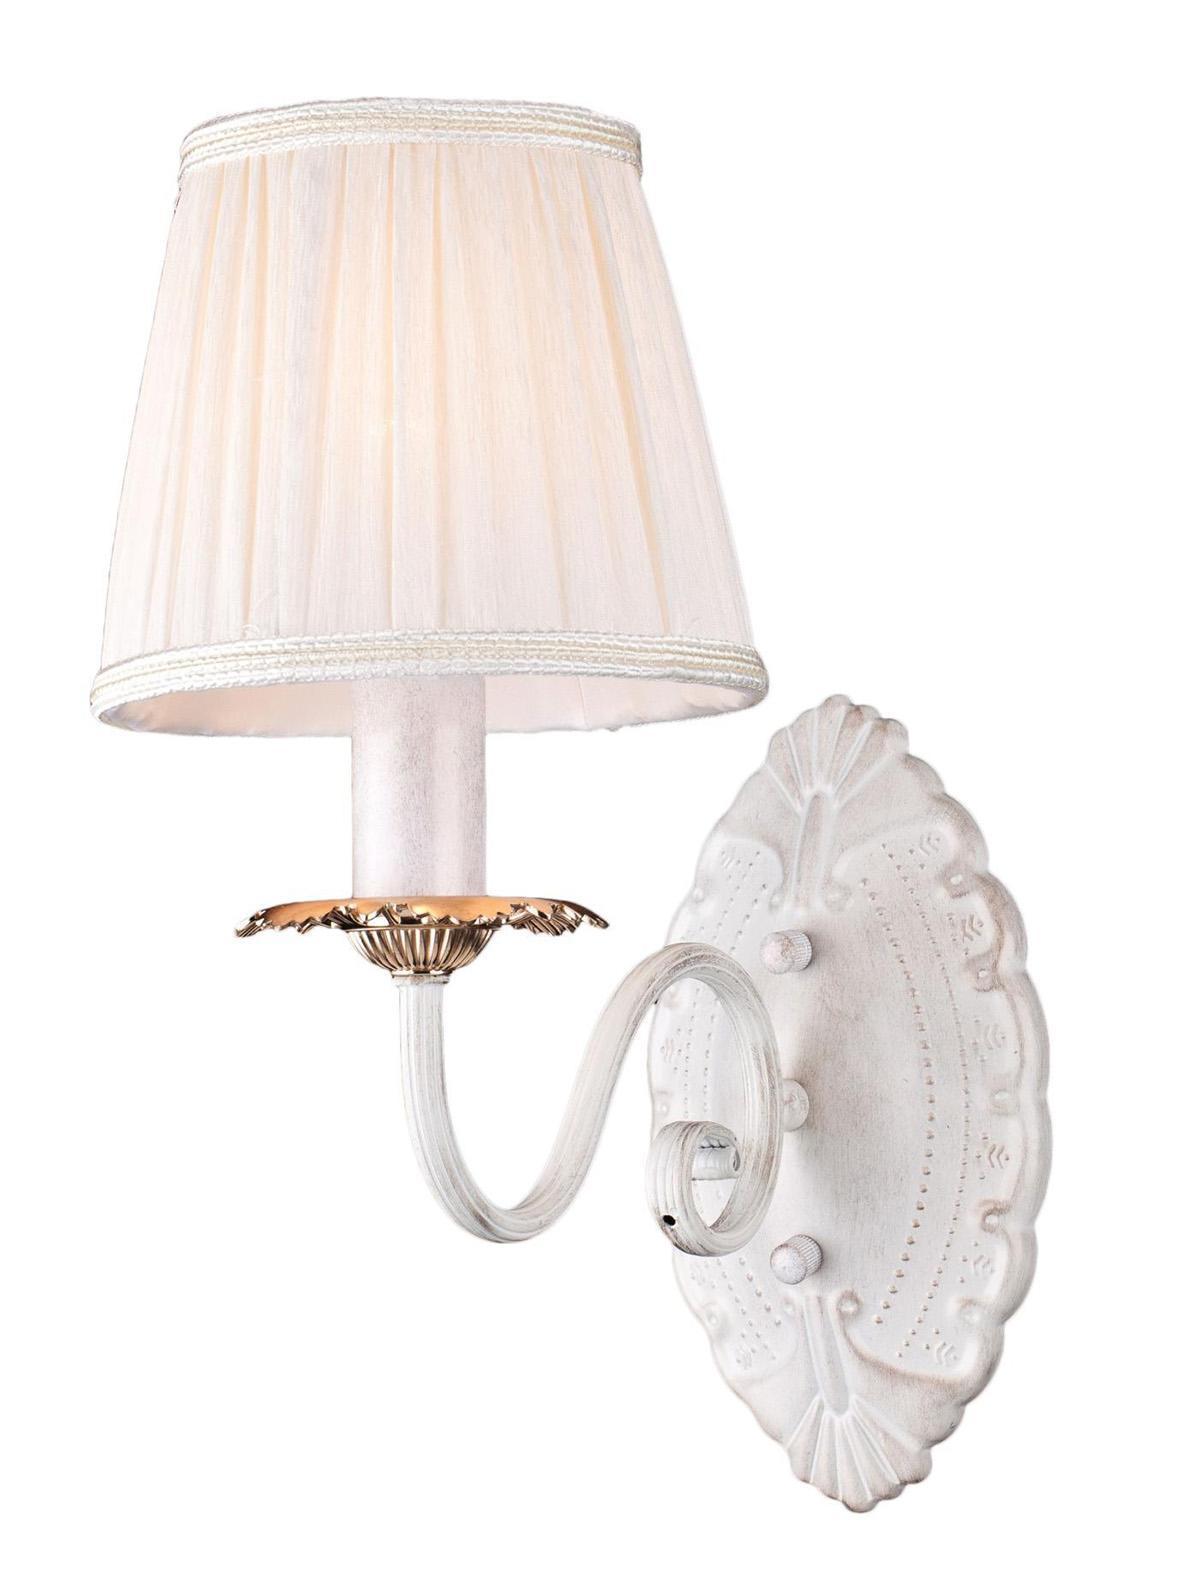 Бра Arte lampНастенные светильники и бра<br>Тип: бра,<br>Назначение светильника: для комнаты,<br>Стиль светильника: модерн,<br>Материал светильника: металл, ткань,<br>Тип лампы: накаливания,<br>Количество ламп: 1,<br>Мощность: 60,<br>Патрон: Е14,<br>Цвет арматуры: белый,<br>Ширина: 150,<br>Высота: 300,<br>Удаление от стены: 280<br>